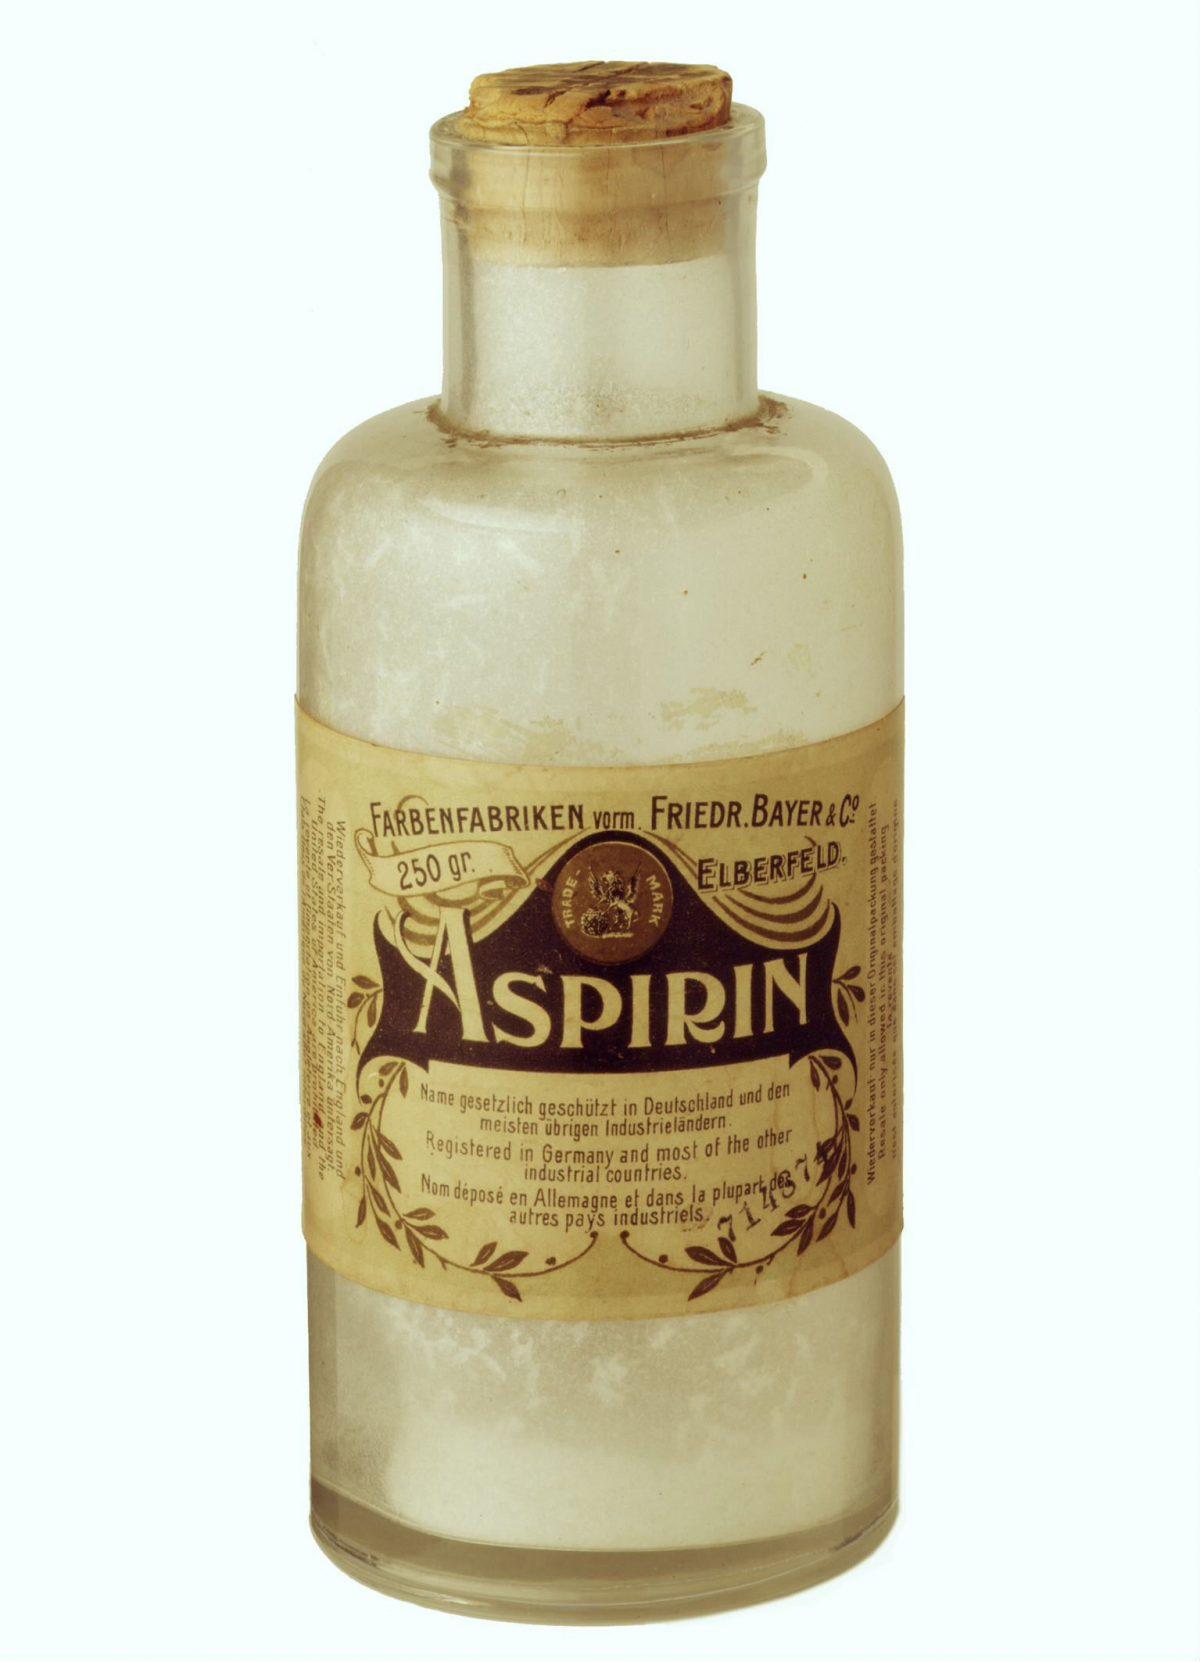 Bayer Aspirin bottle